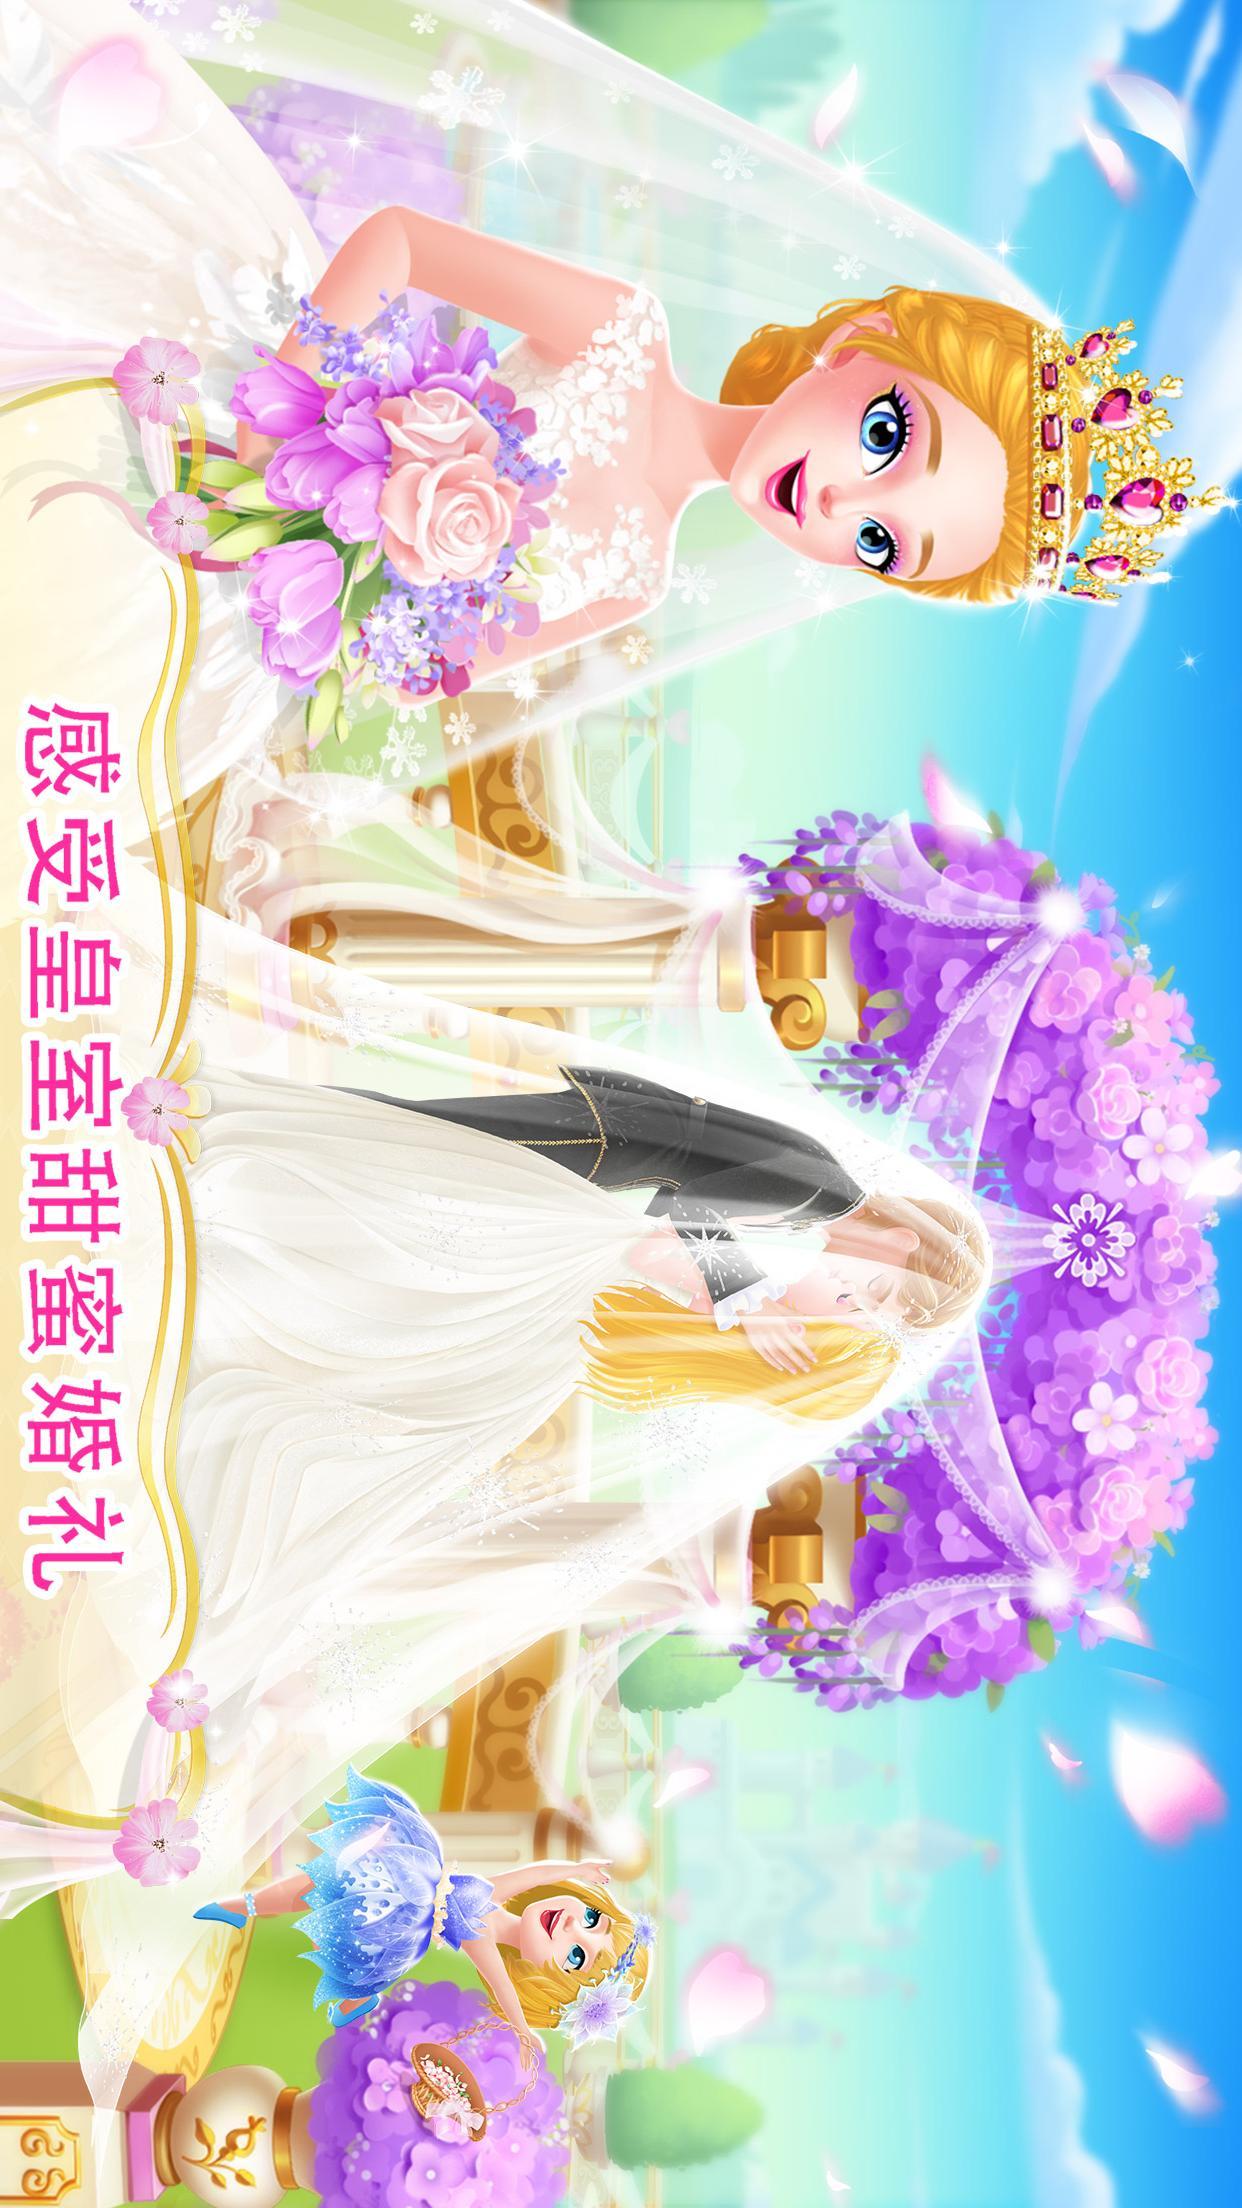 美美公主之梦幻婚礼截图(5)